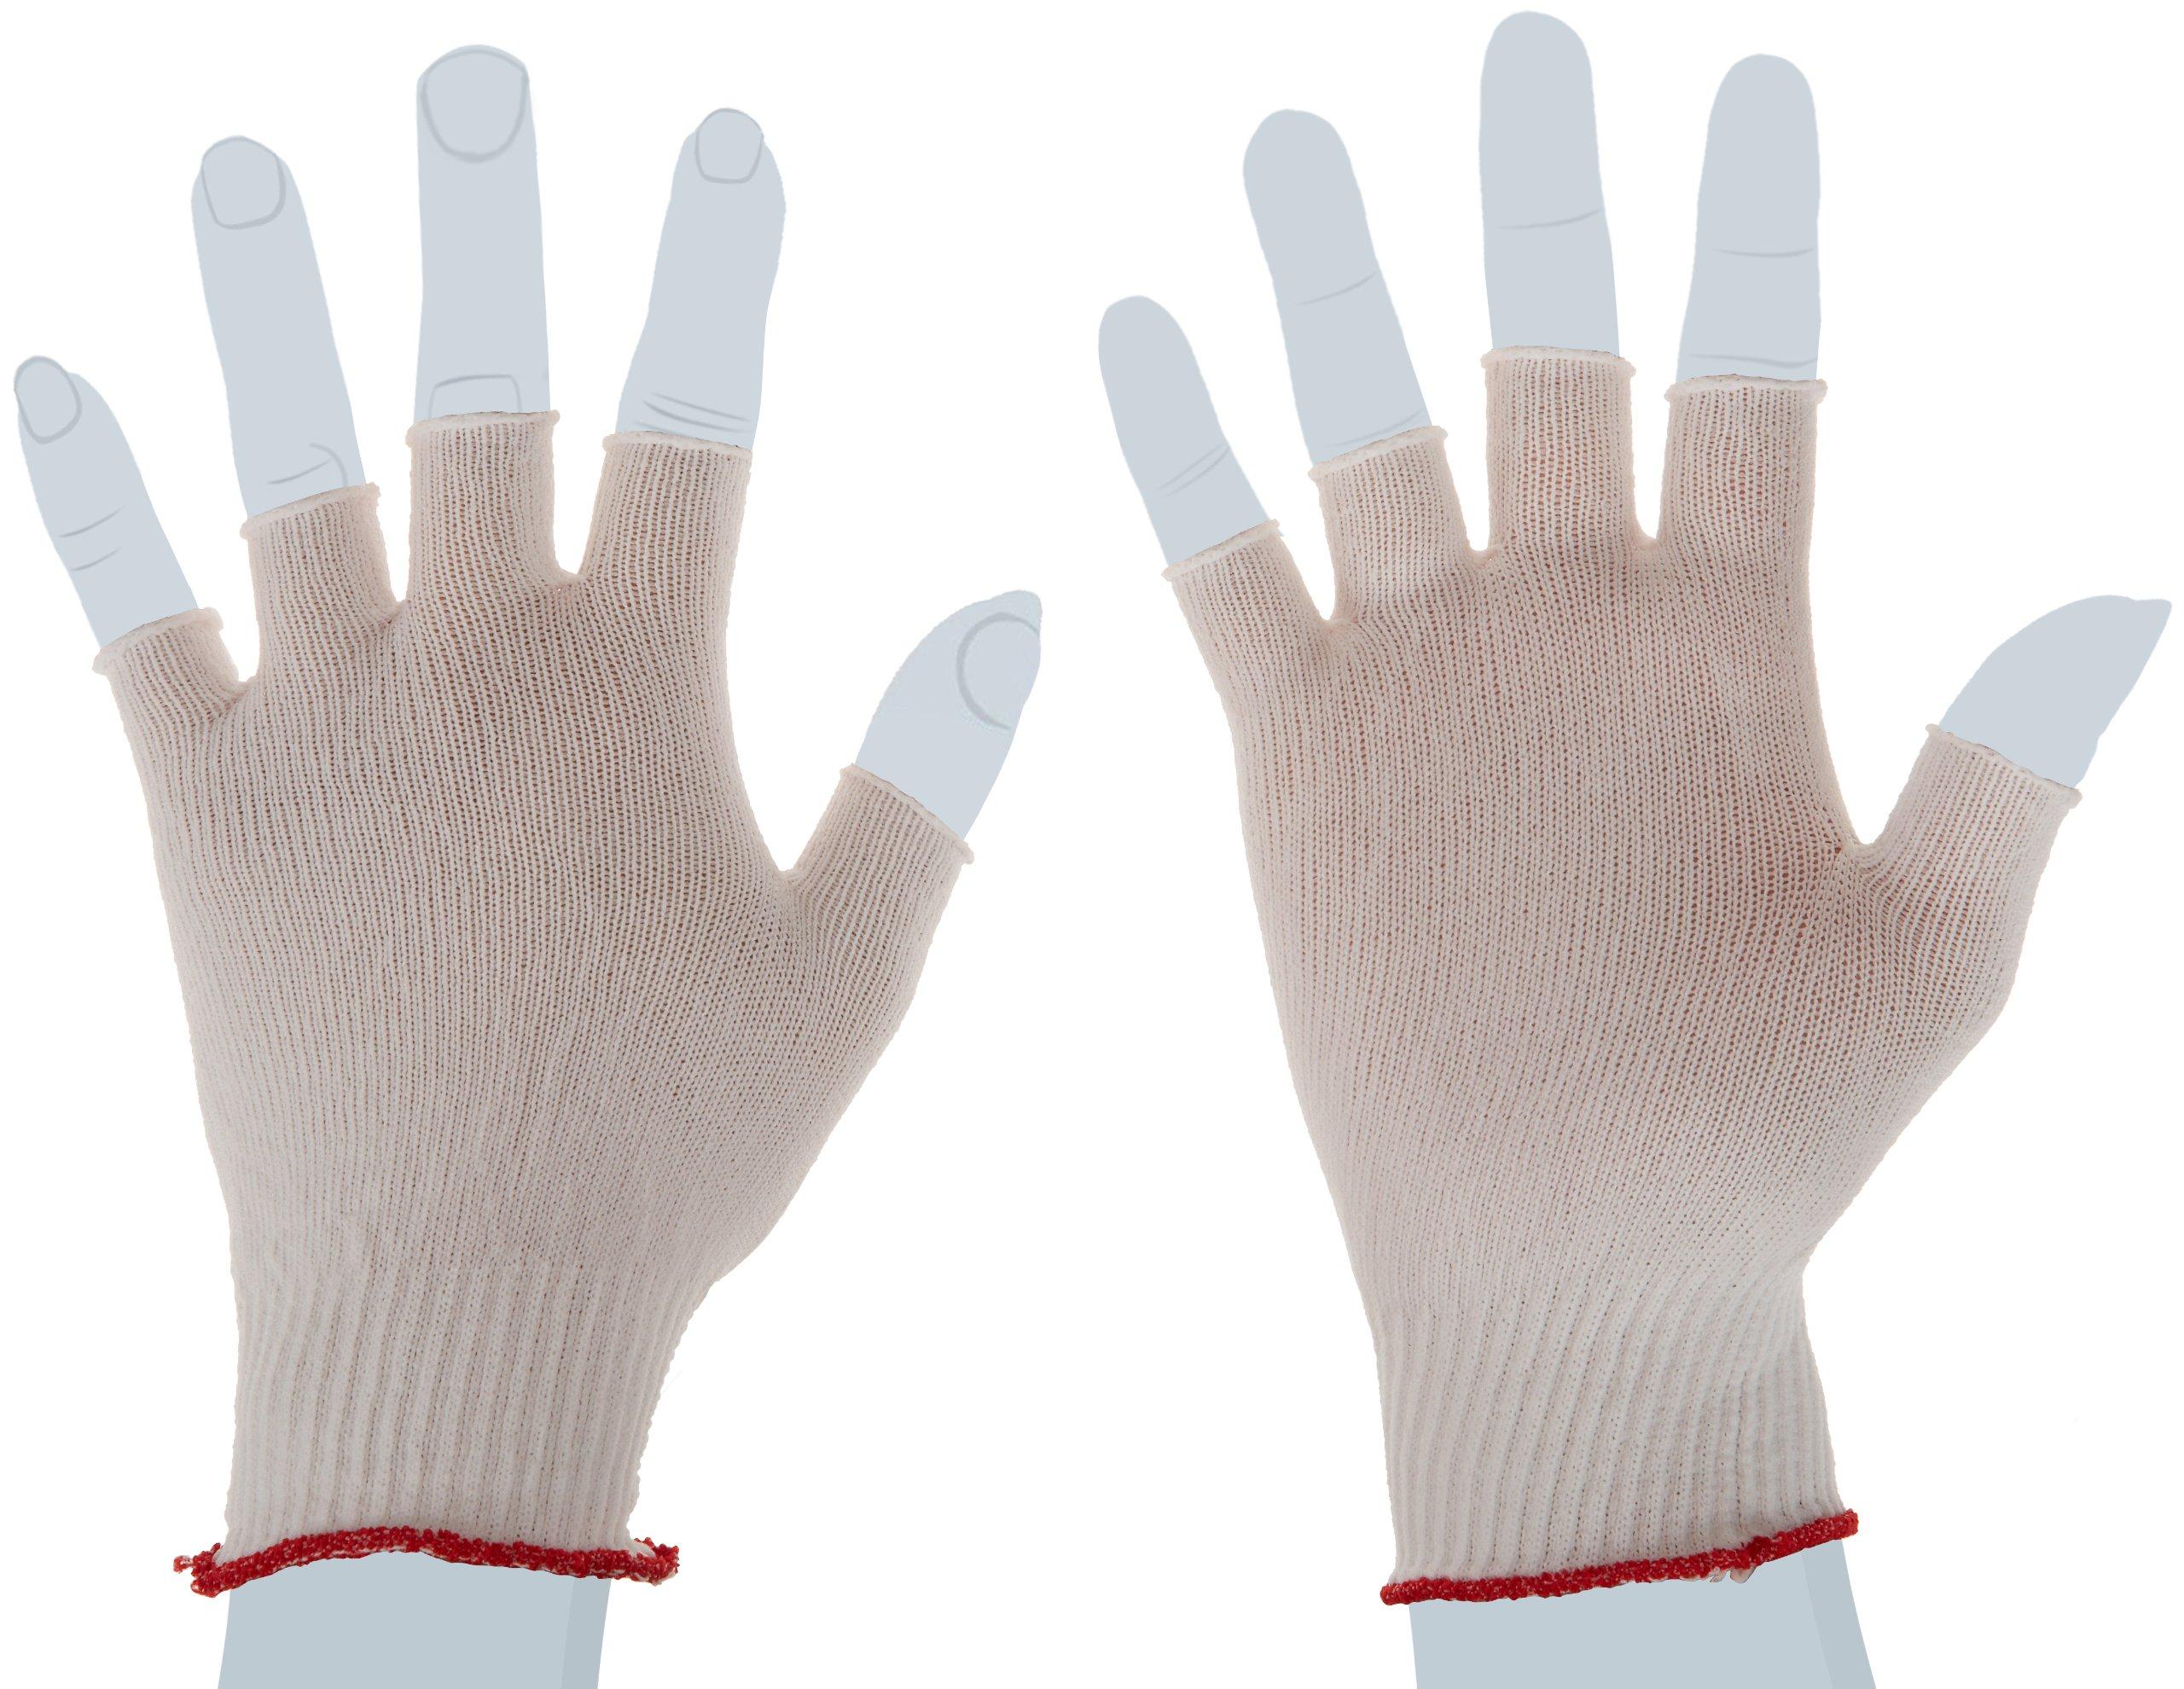 Berkshire BCR Nylon Half-Finger Glove Liners SK, Small Bulk Size (Bulk Pack of 200 Pairs)